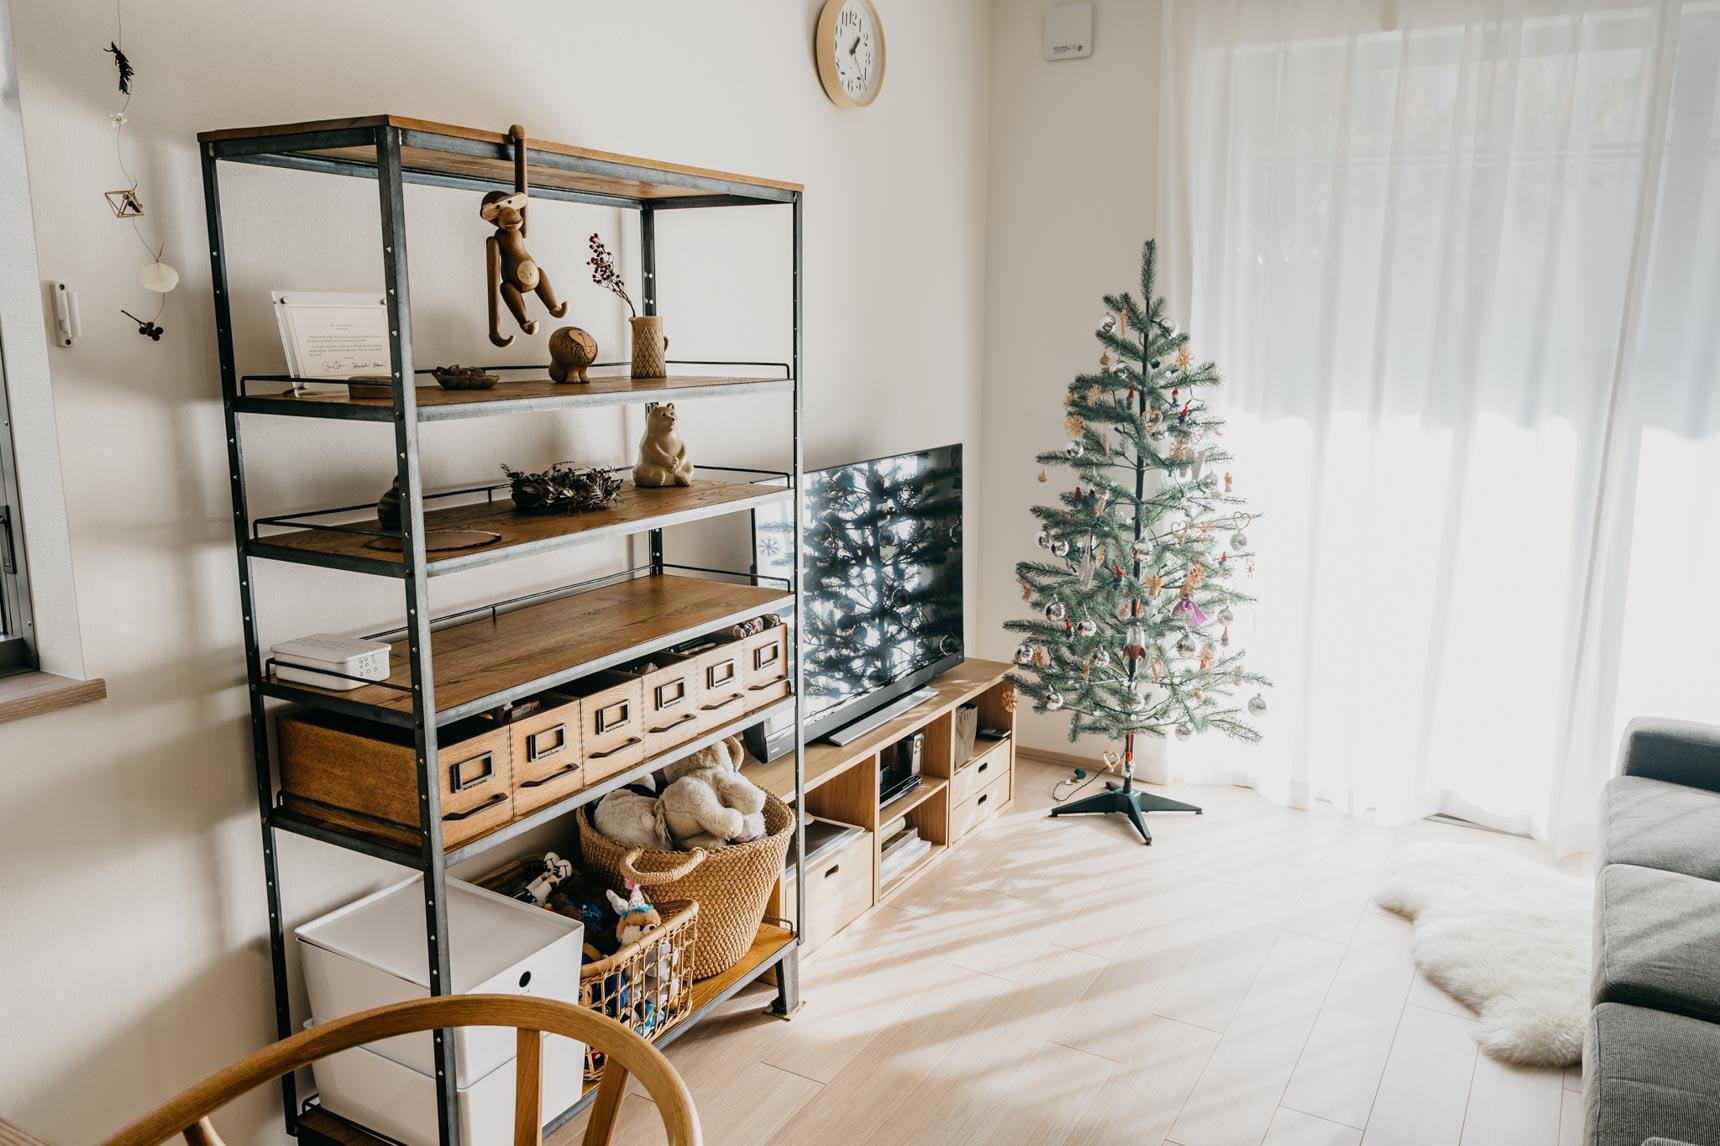 すっきりとした室内に置かれた棚には、下段に文房具などの普段使用するものを、上段の目に留まりやすい場所に好きな雑貨を飾られています。